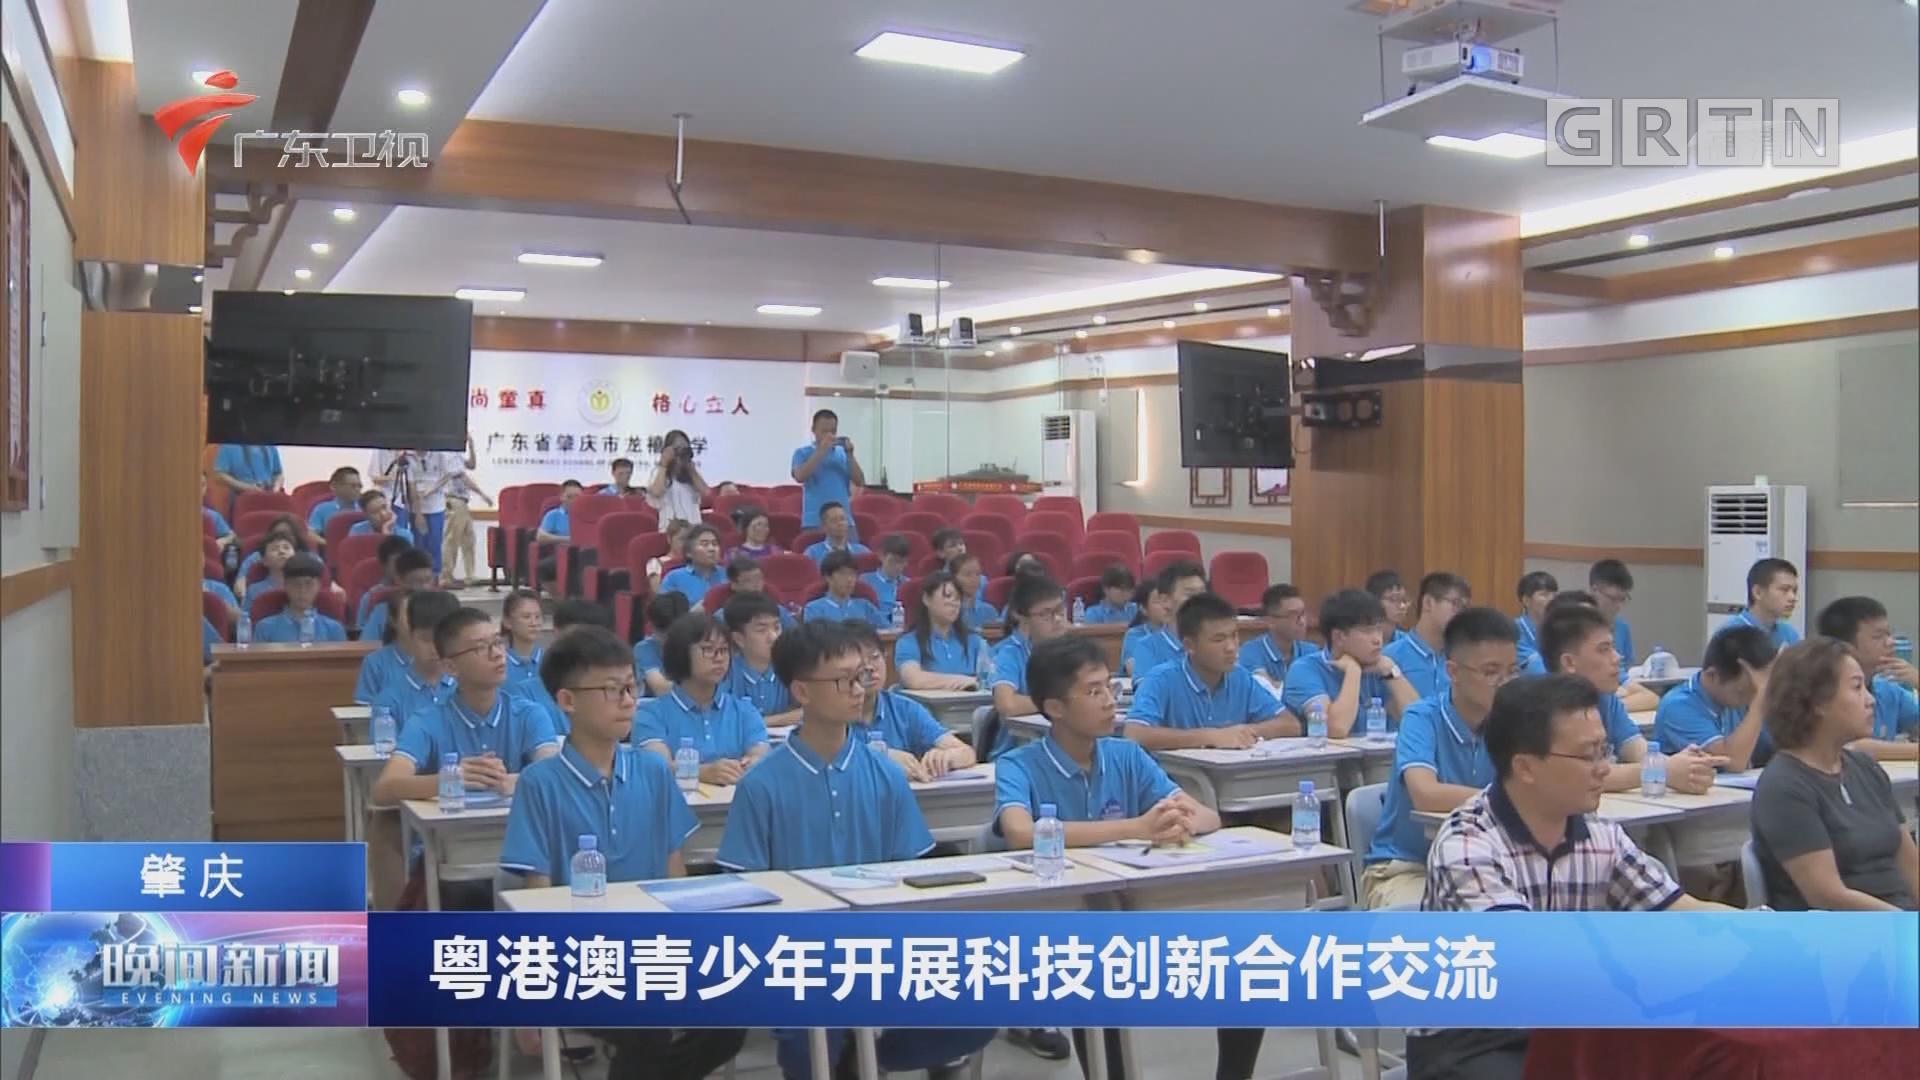 肇庆:粤港澳青少年开展科技创新合作交流